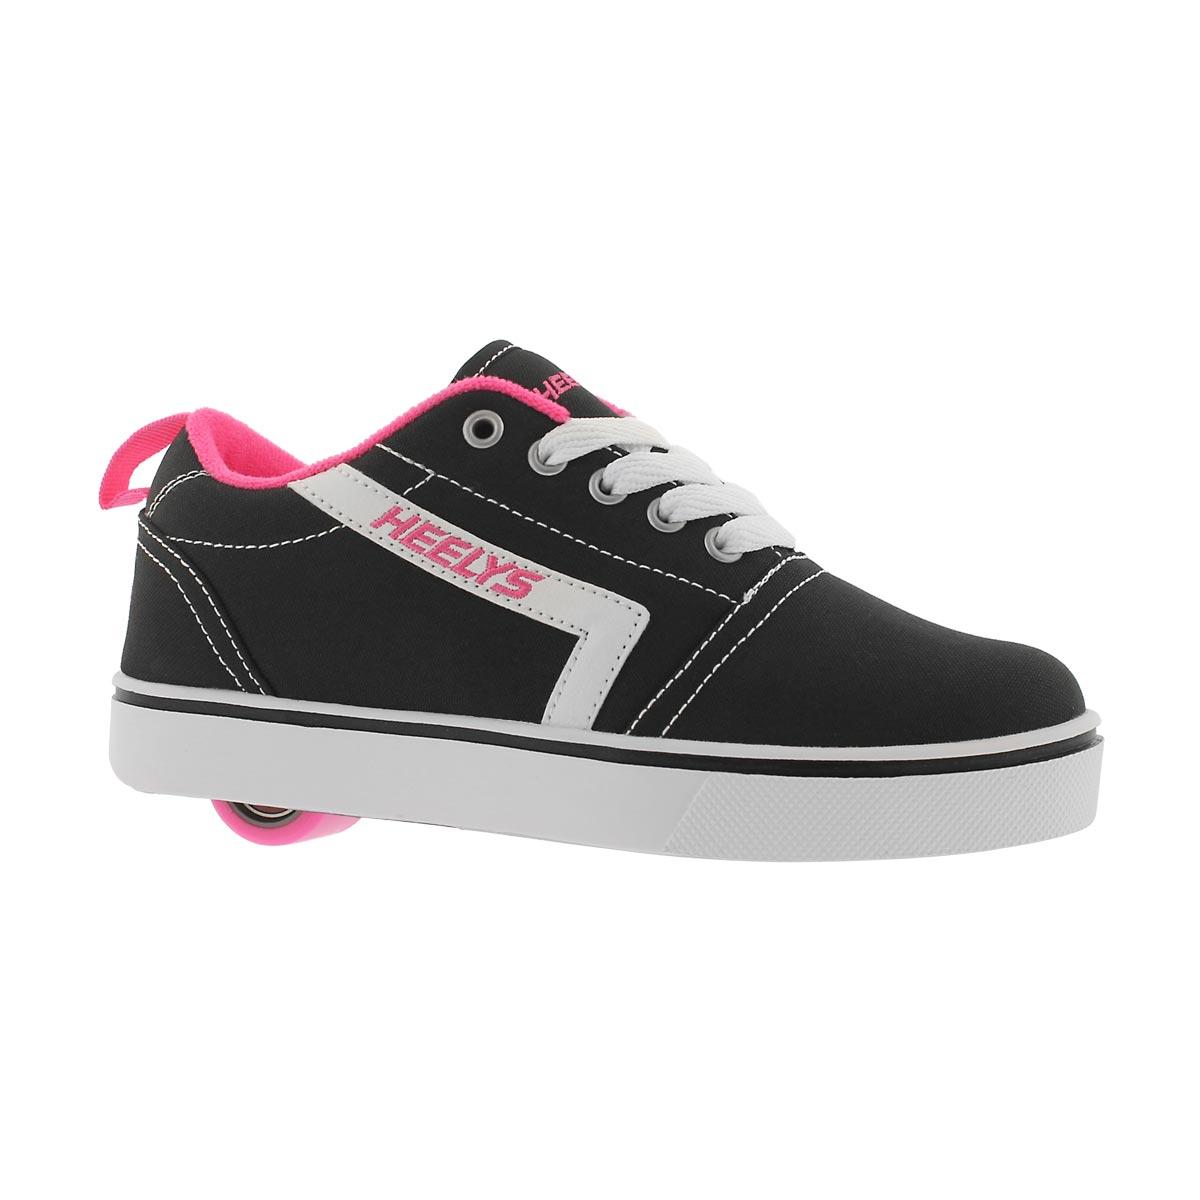 Girls' GR8 PRO black/white/pink skate sneakers